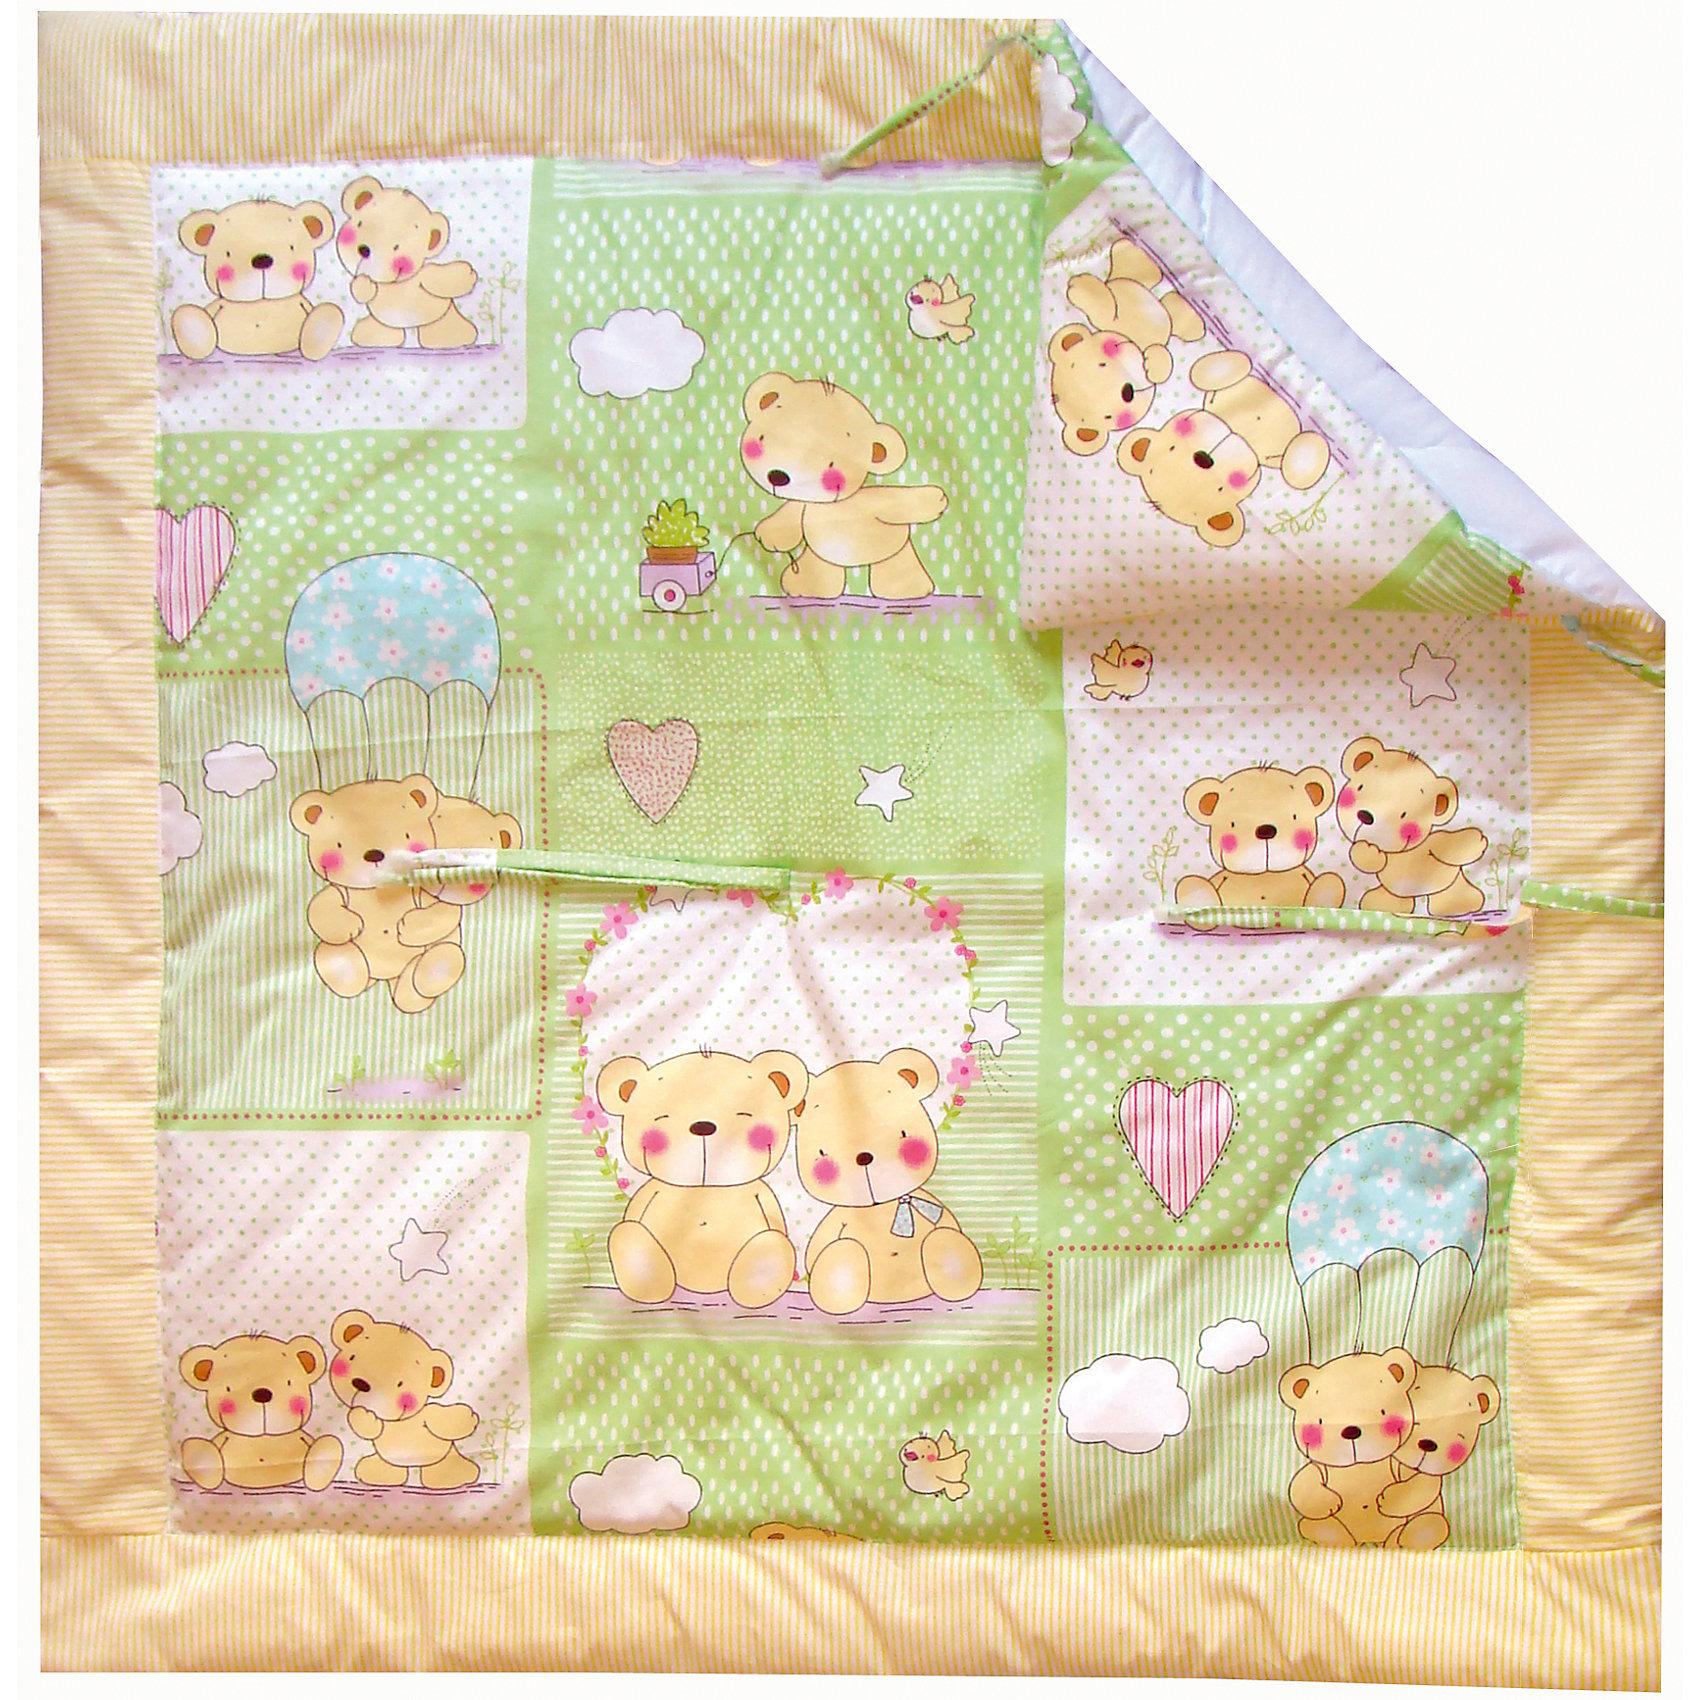 Демисезонный конверт-одеяло CuteWrap Объятия, СуперМаМкет